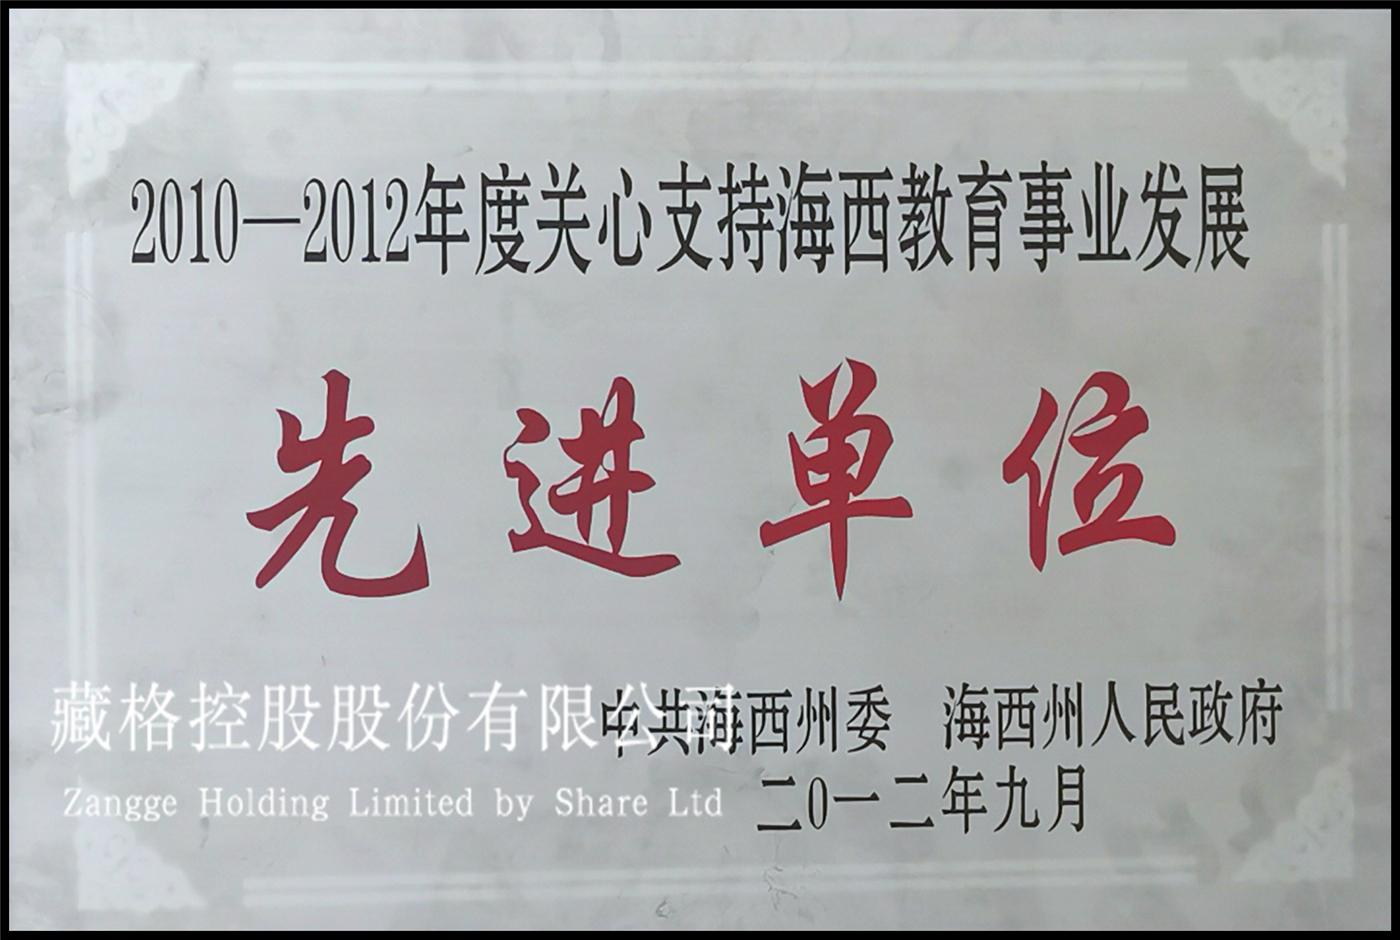 2012支持教育事业先进单位